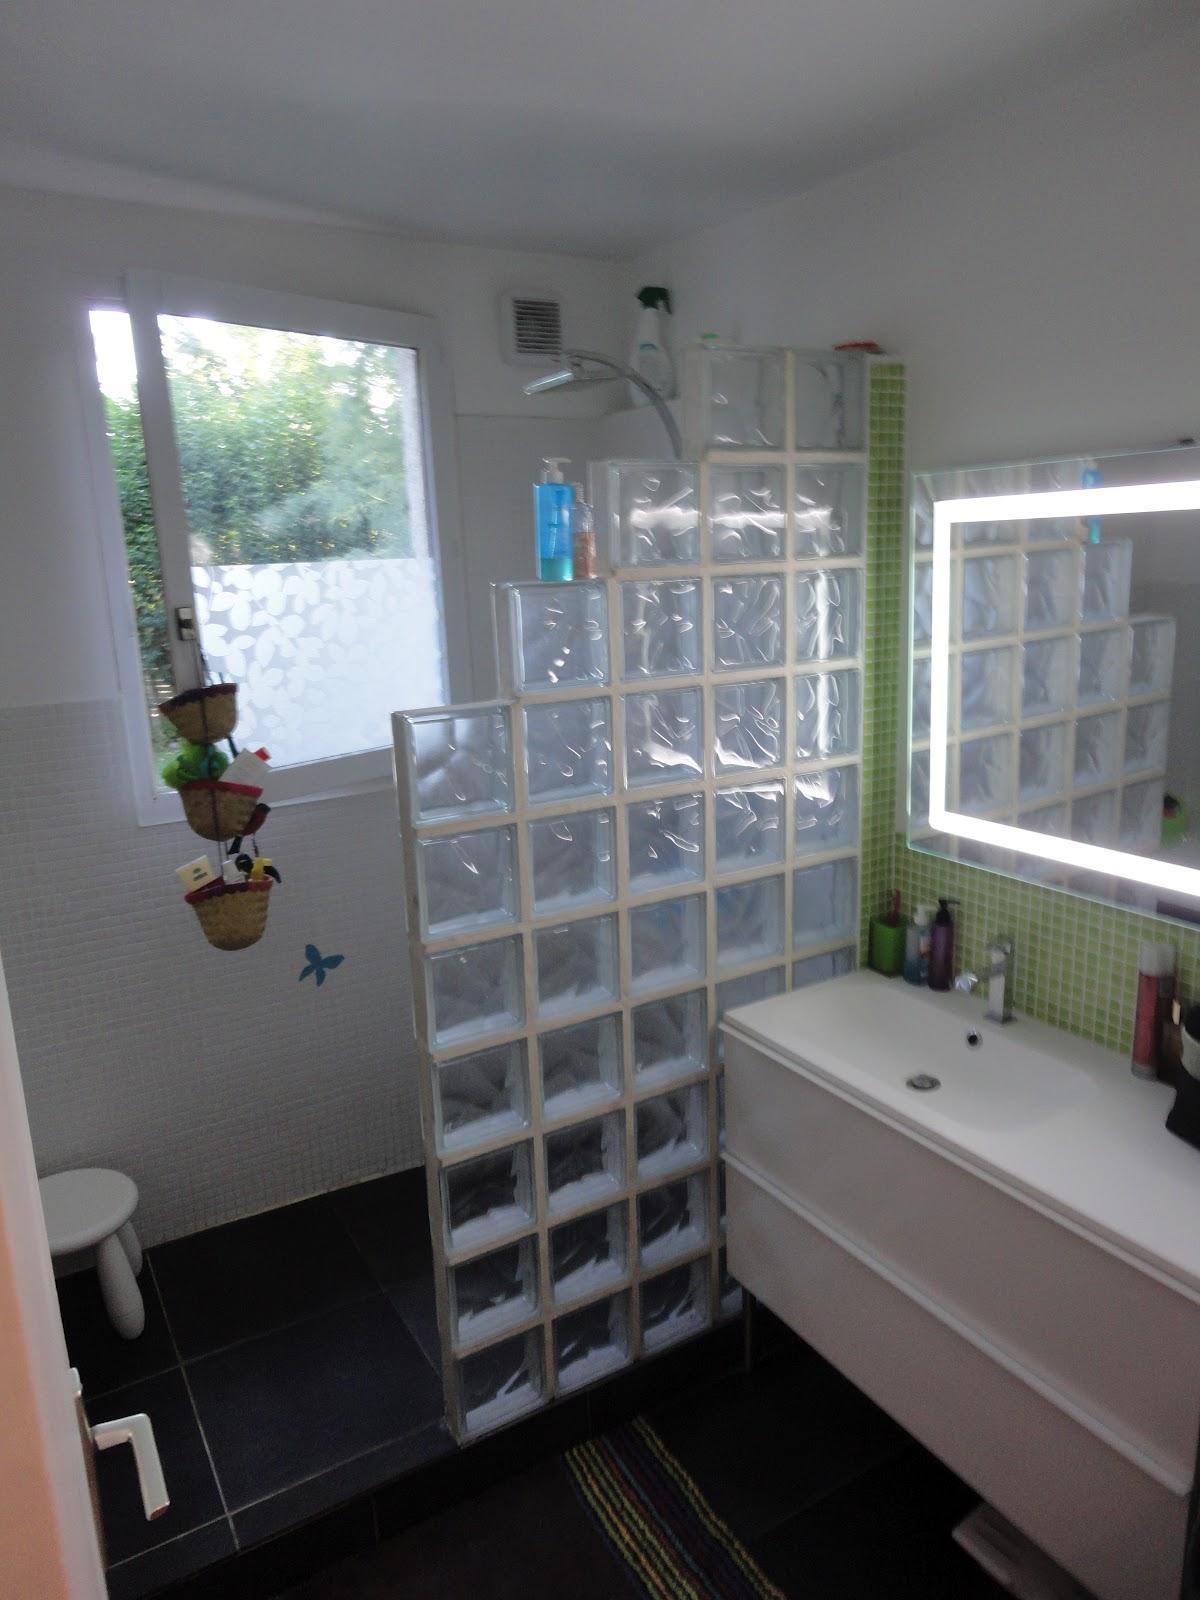 A vendre jolie maison avignon sanitaires salle de bain for Baignoire et douche italienne